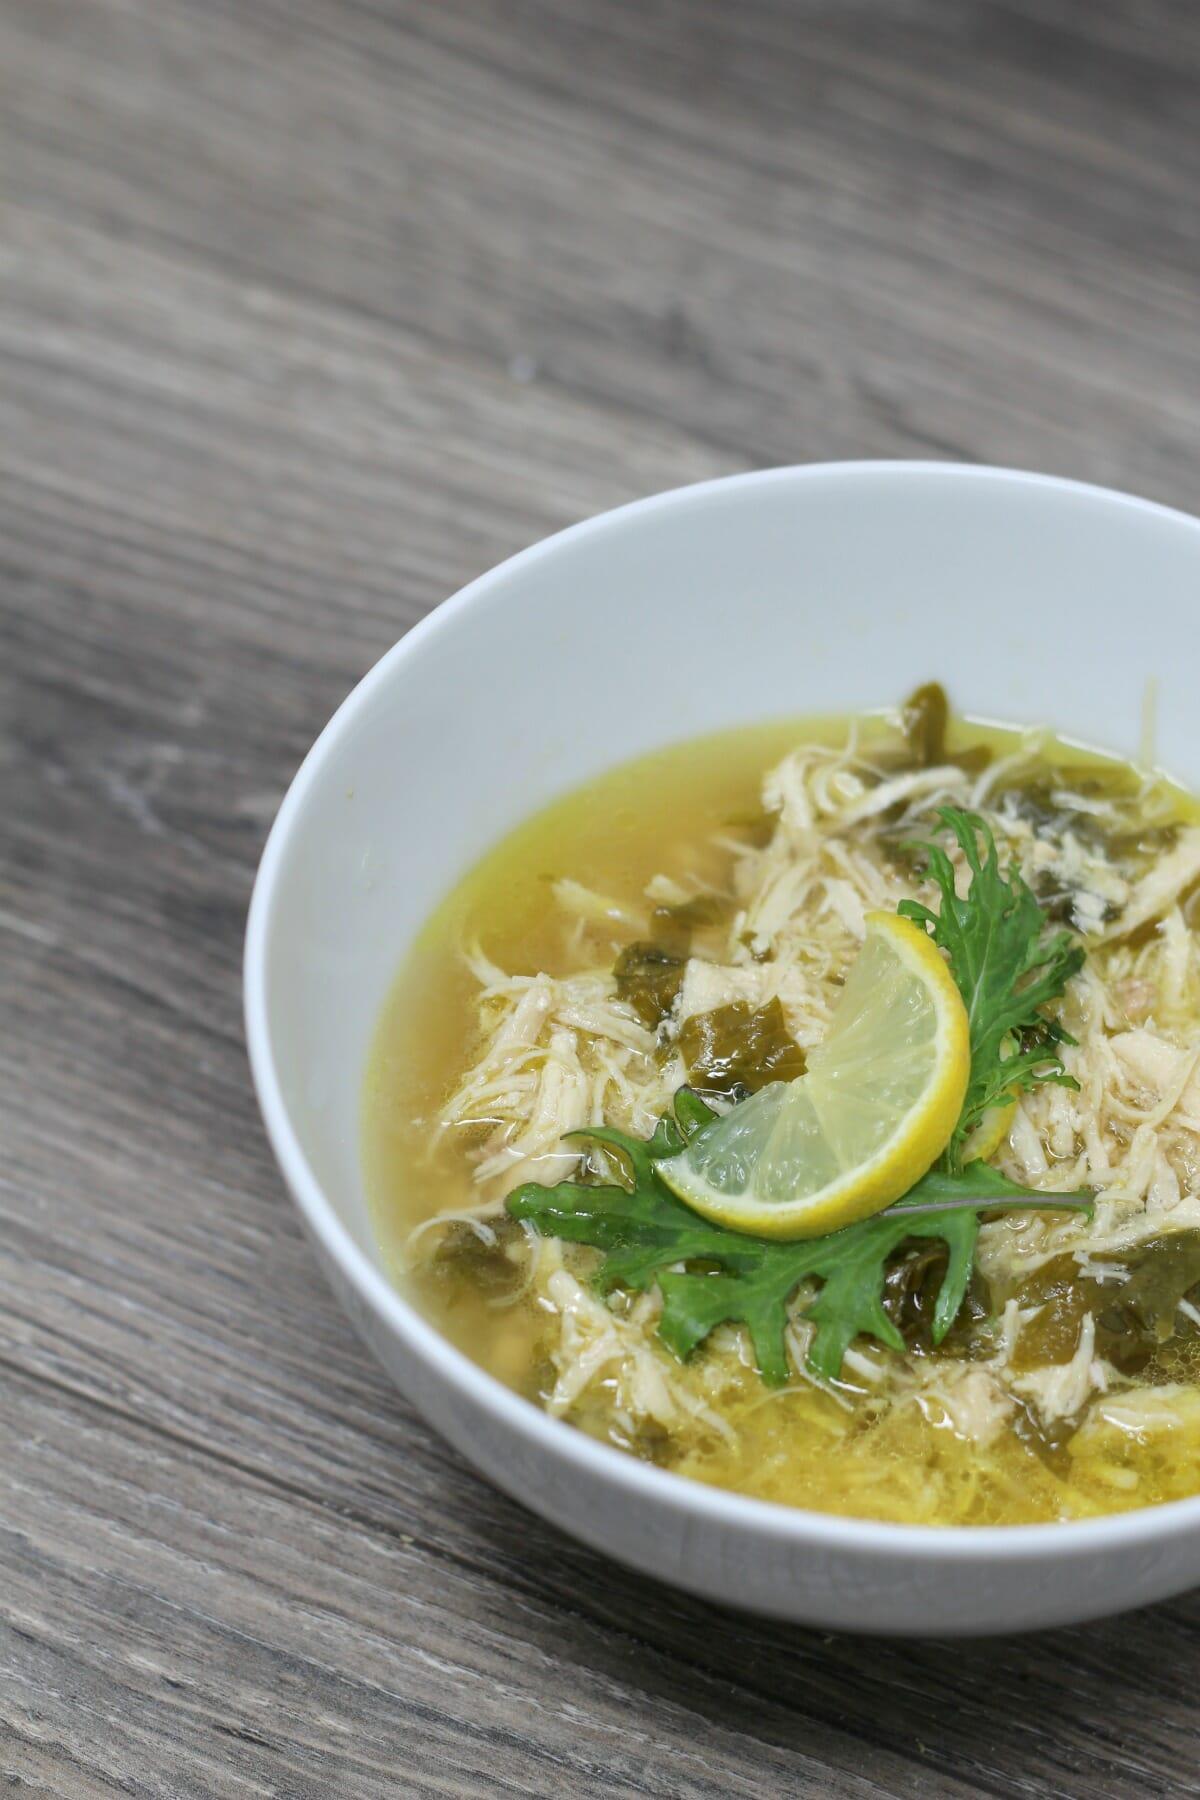 Instant Pot Lemon Kale Chicken Soup